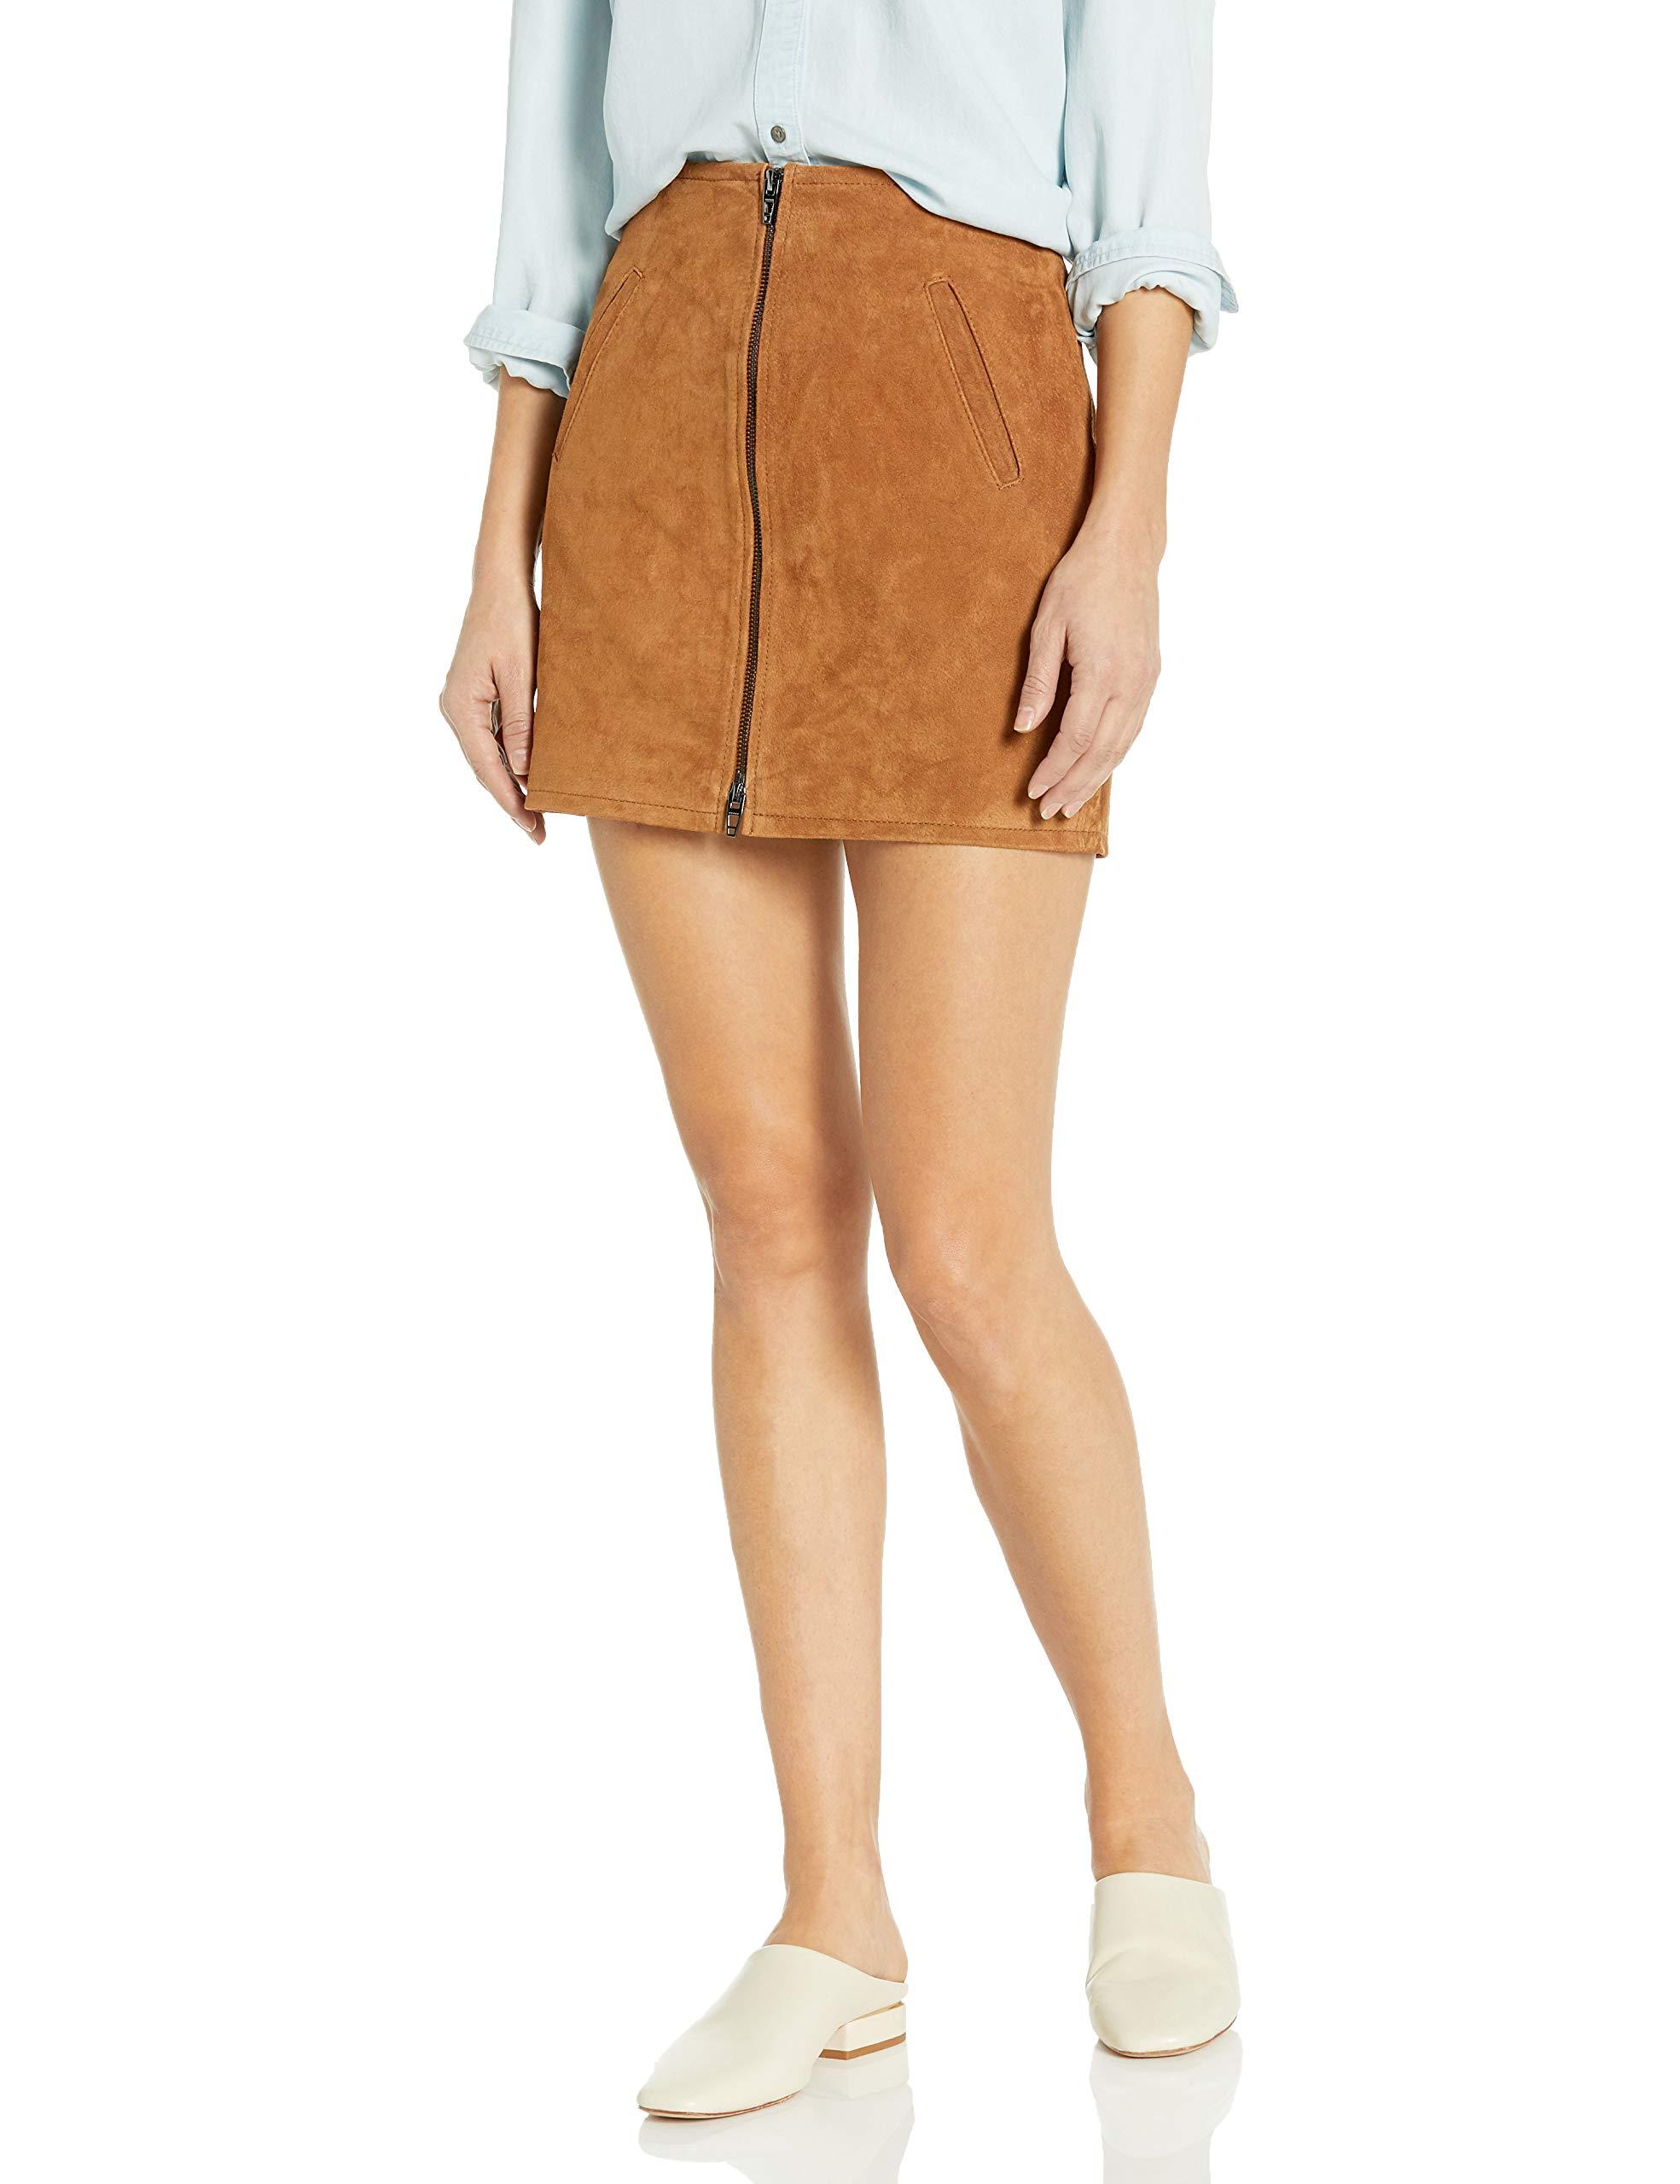 [BLANKNYC] Women's Suede Mini Skirt